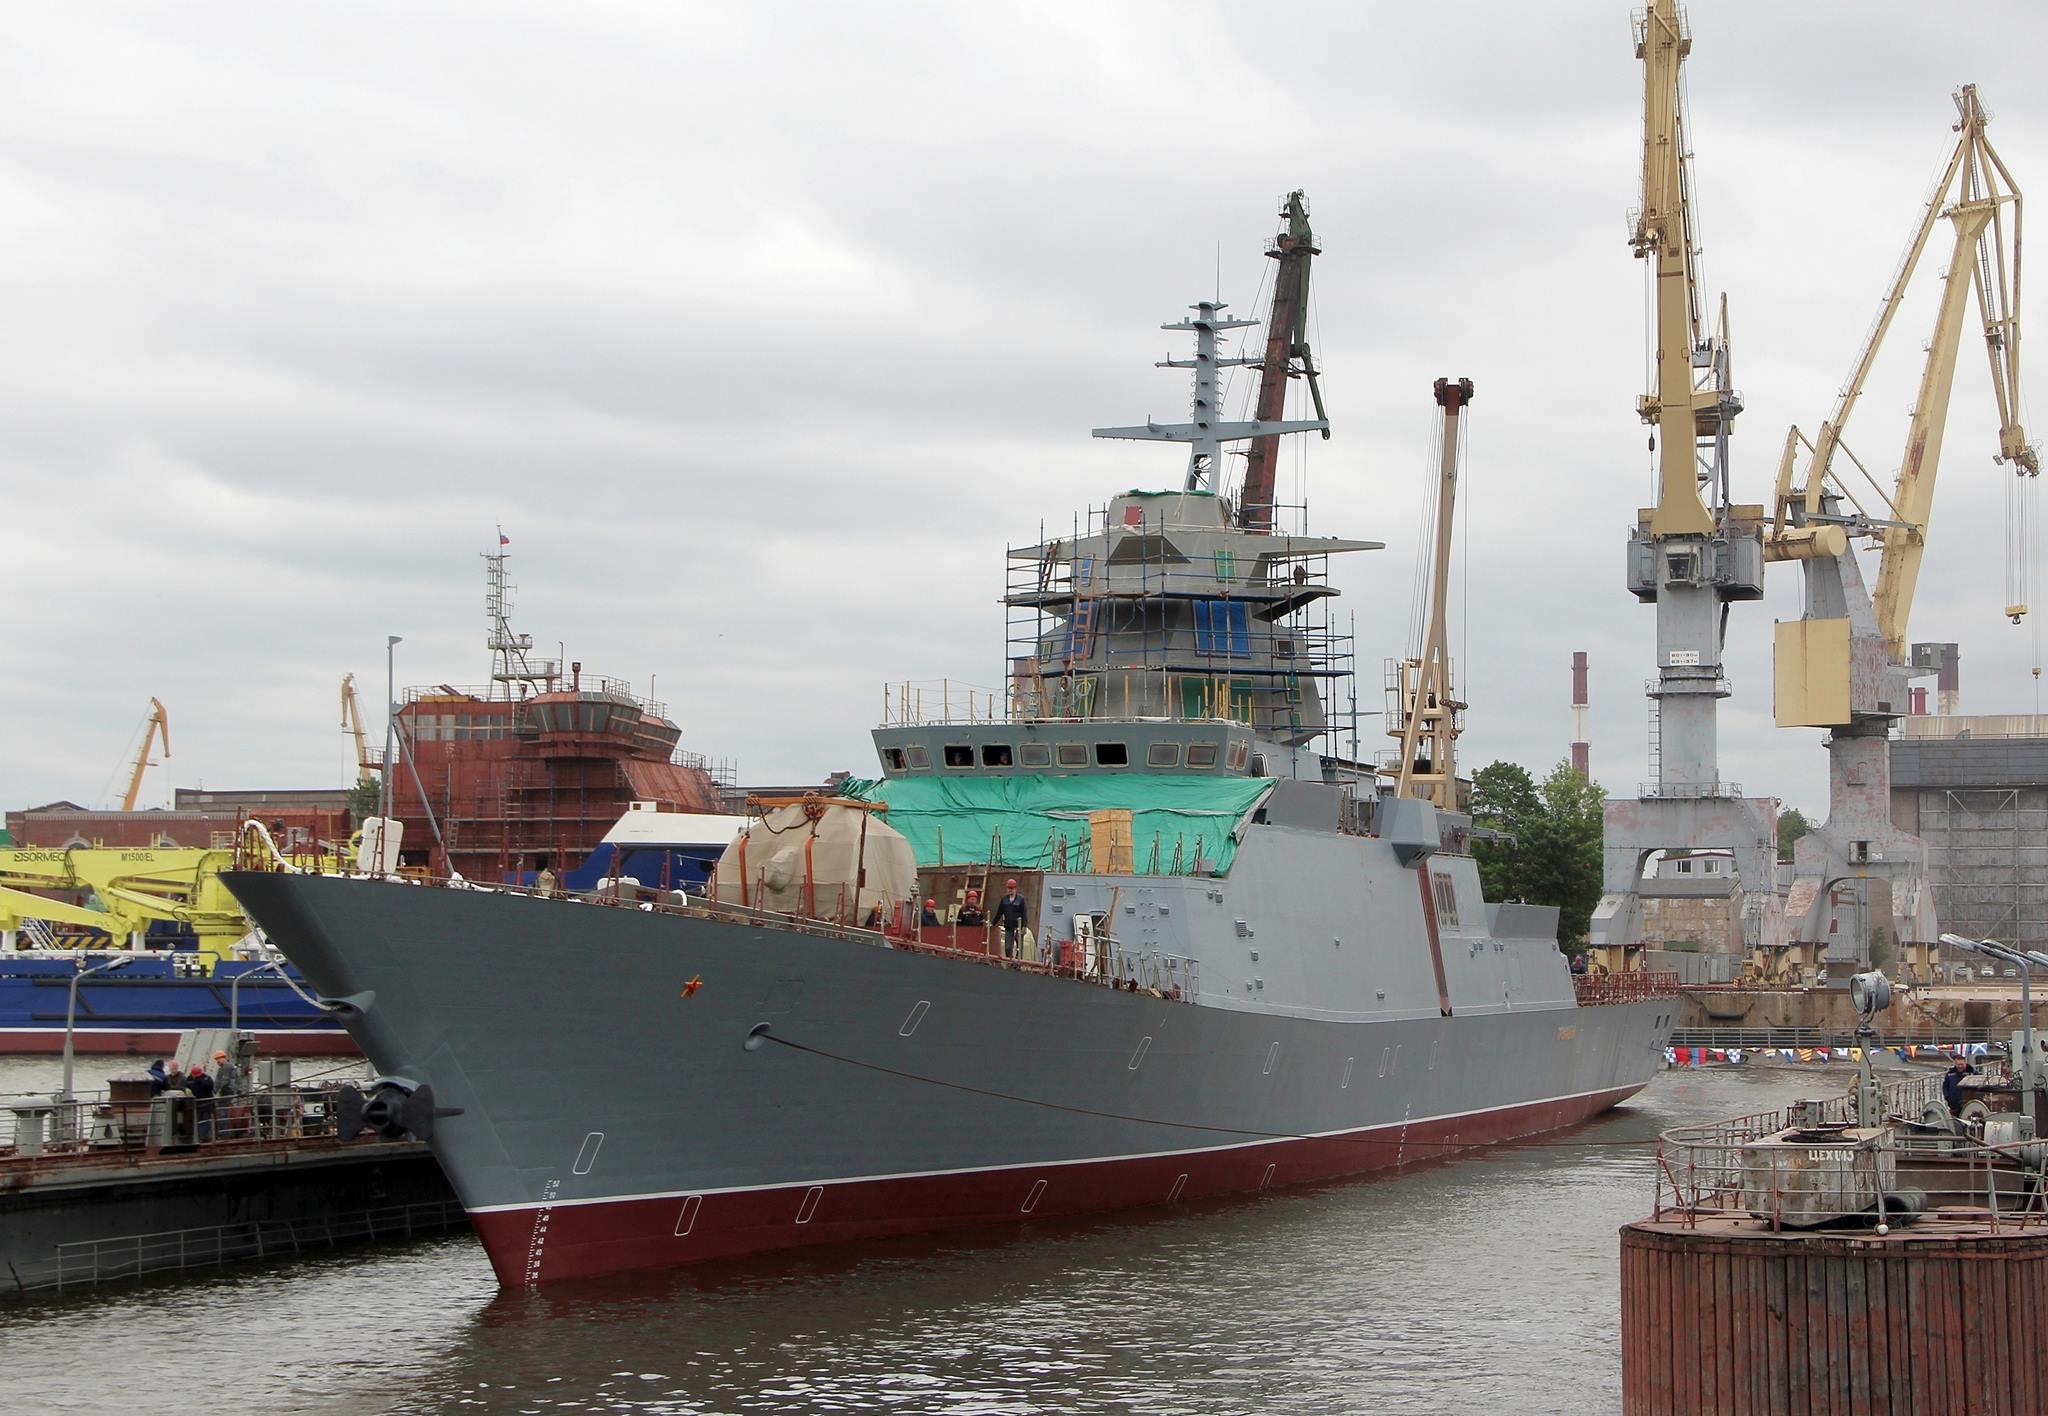 """""""GREMYSHII"""" a nova corveta project 20385 é lançada na água em St. Petersburg"""